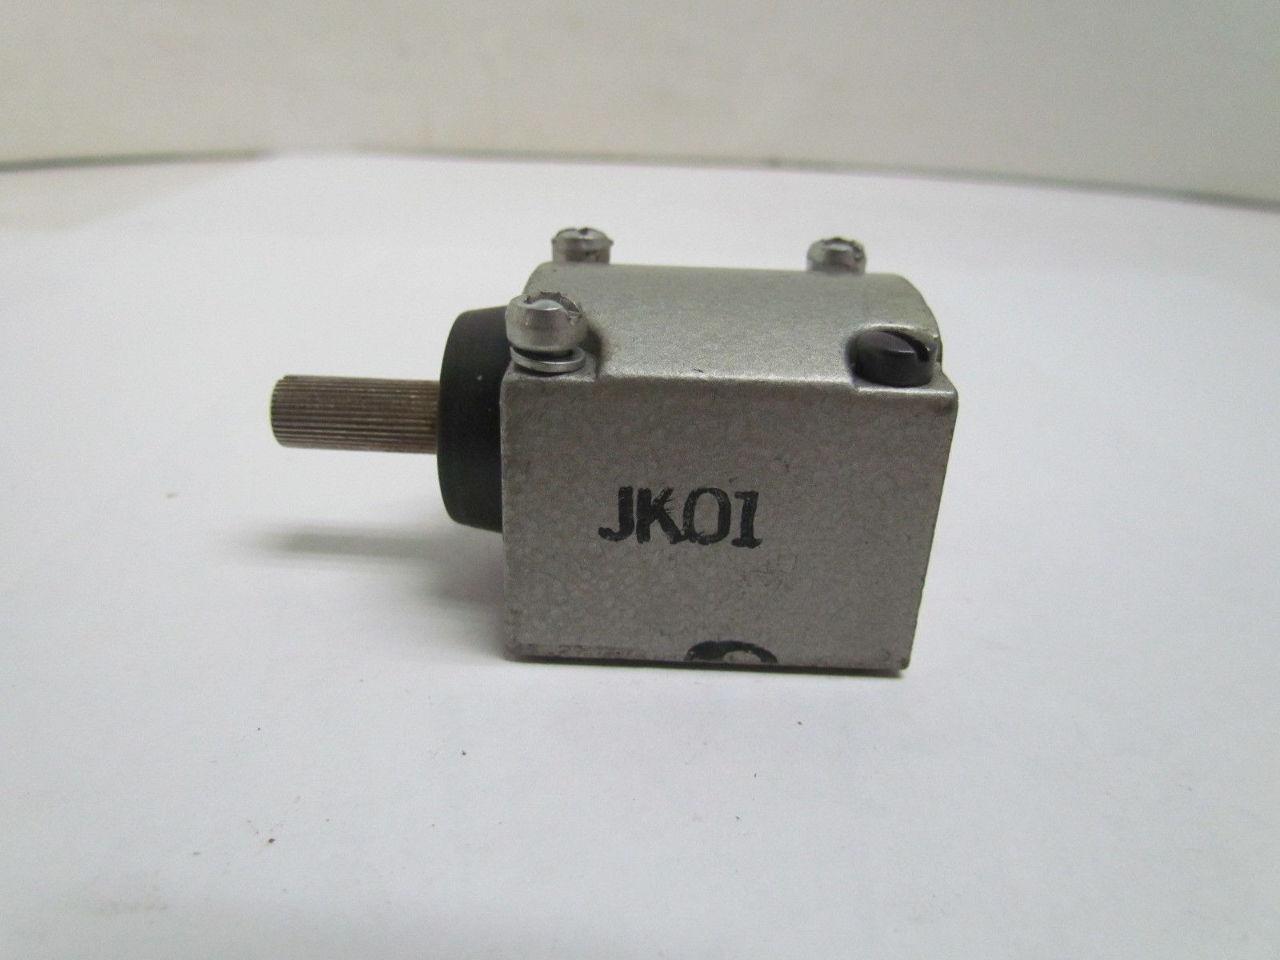 Telemecanique R B Denison Gould Jk01 Limit Switch